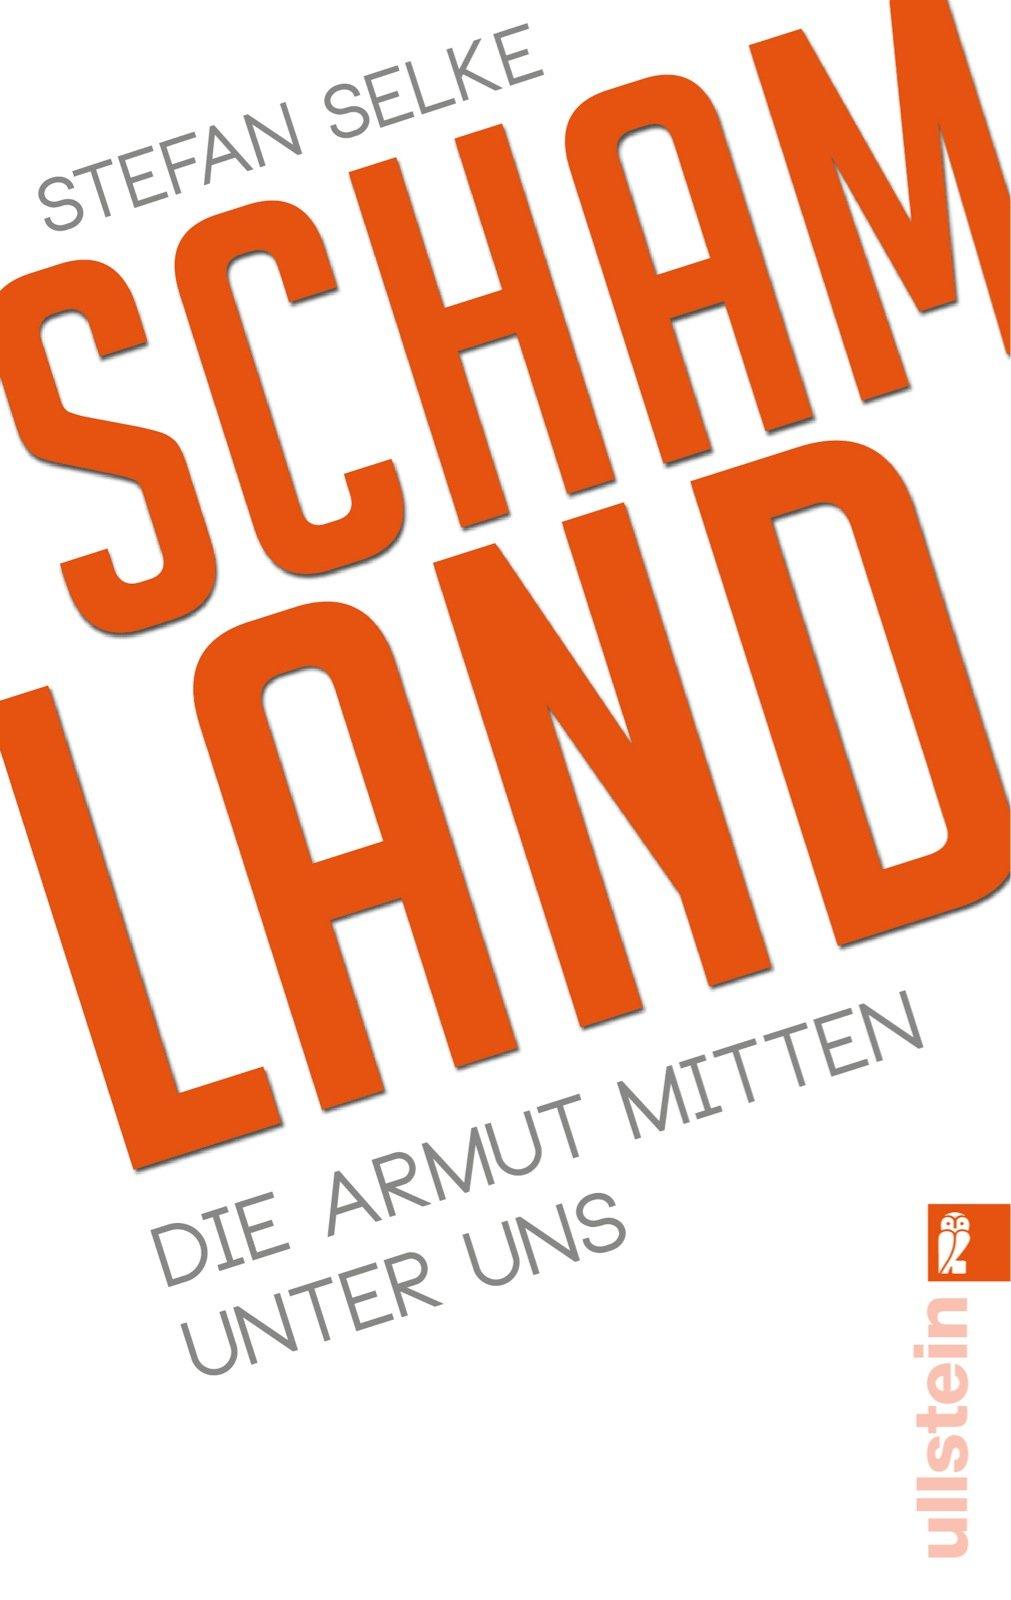 Schamland: Die Armut mitten unter uns